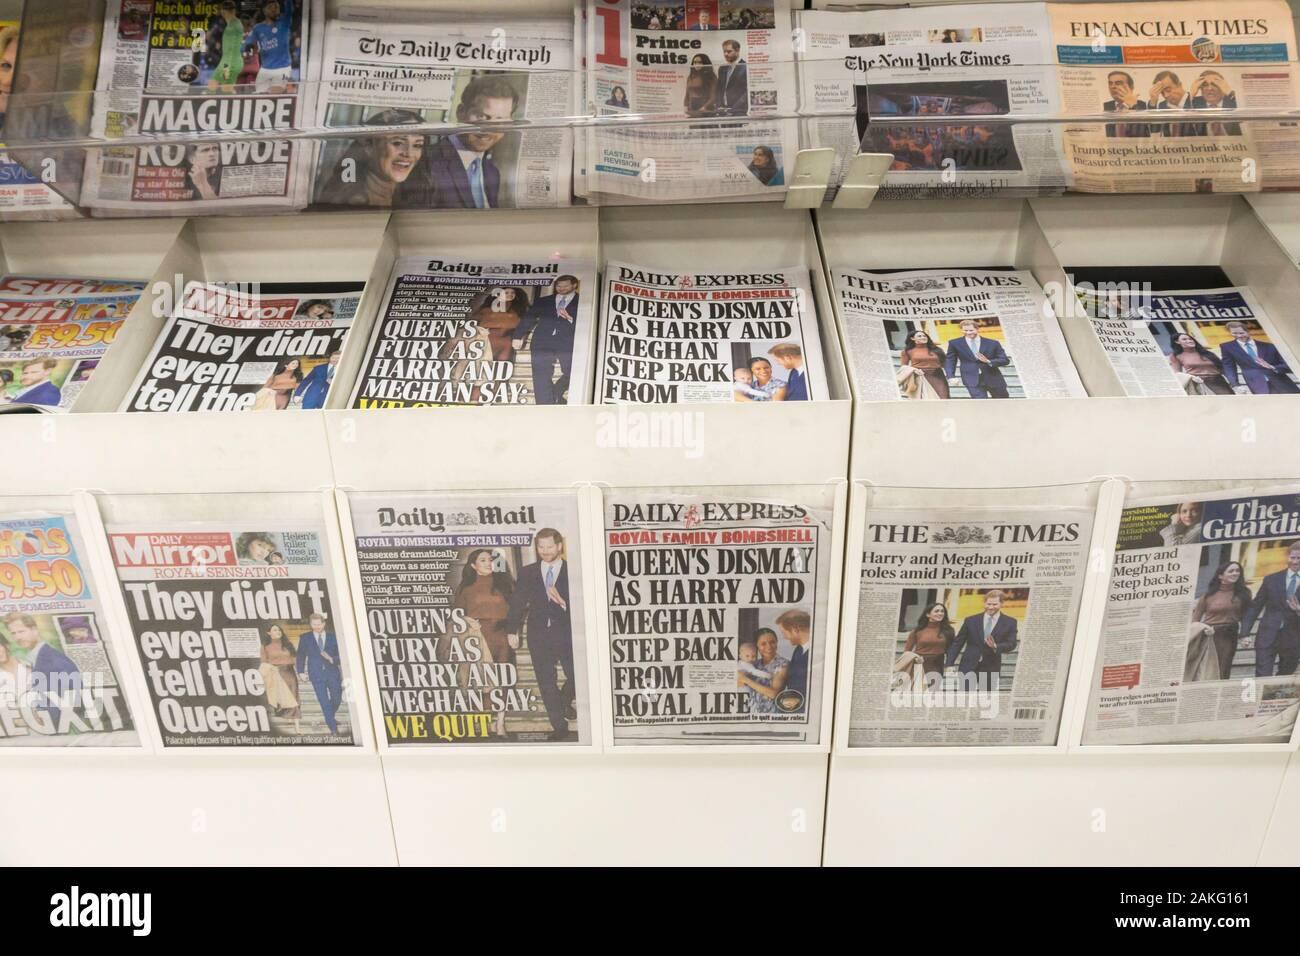 """Vereinigtes Königreich, 09. Januar 2020. Britische Zeitung Schlagzeilen reagiert auf die Nachricht, dass der Herzog und die Herzogin von Sussex sind zu """"Schritt zurück als älterer Mitglieder der königlichen Familie'. Kredit städtische Images-News/Alamy. Stockfoto"""